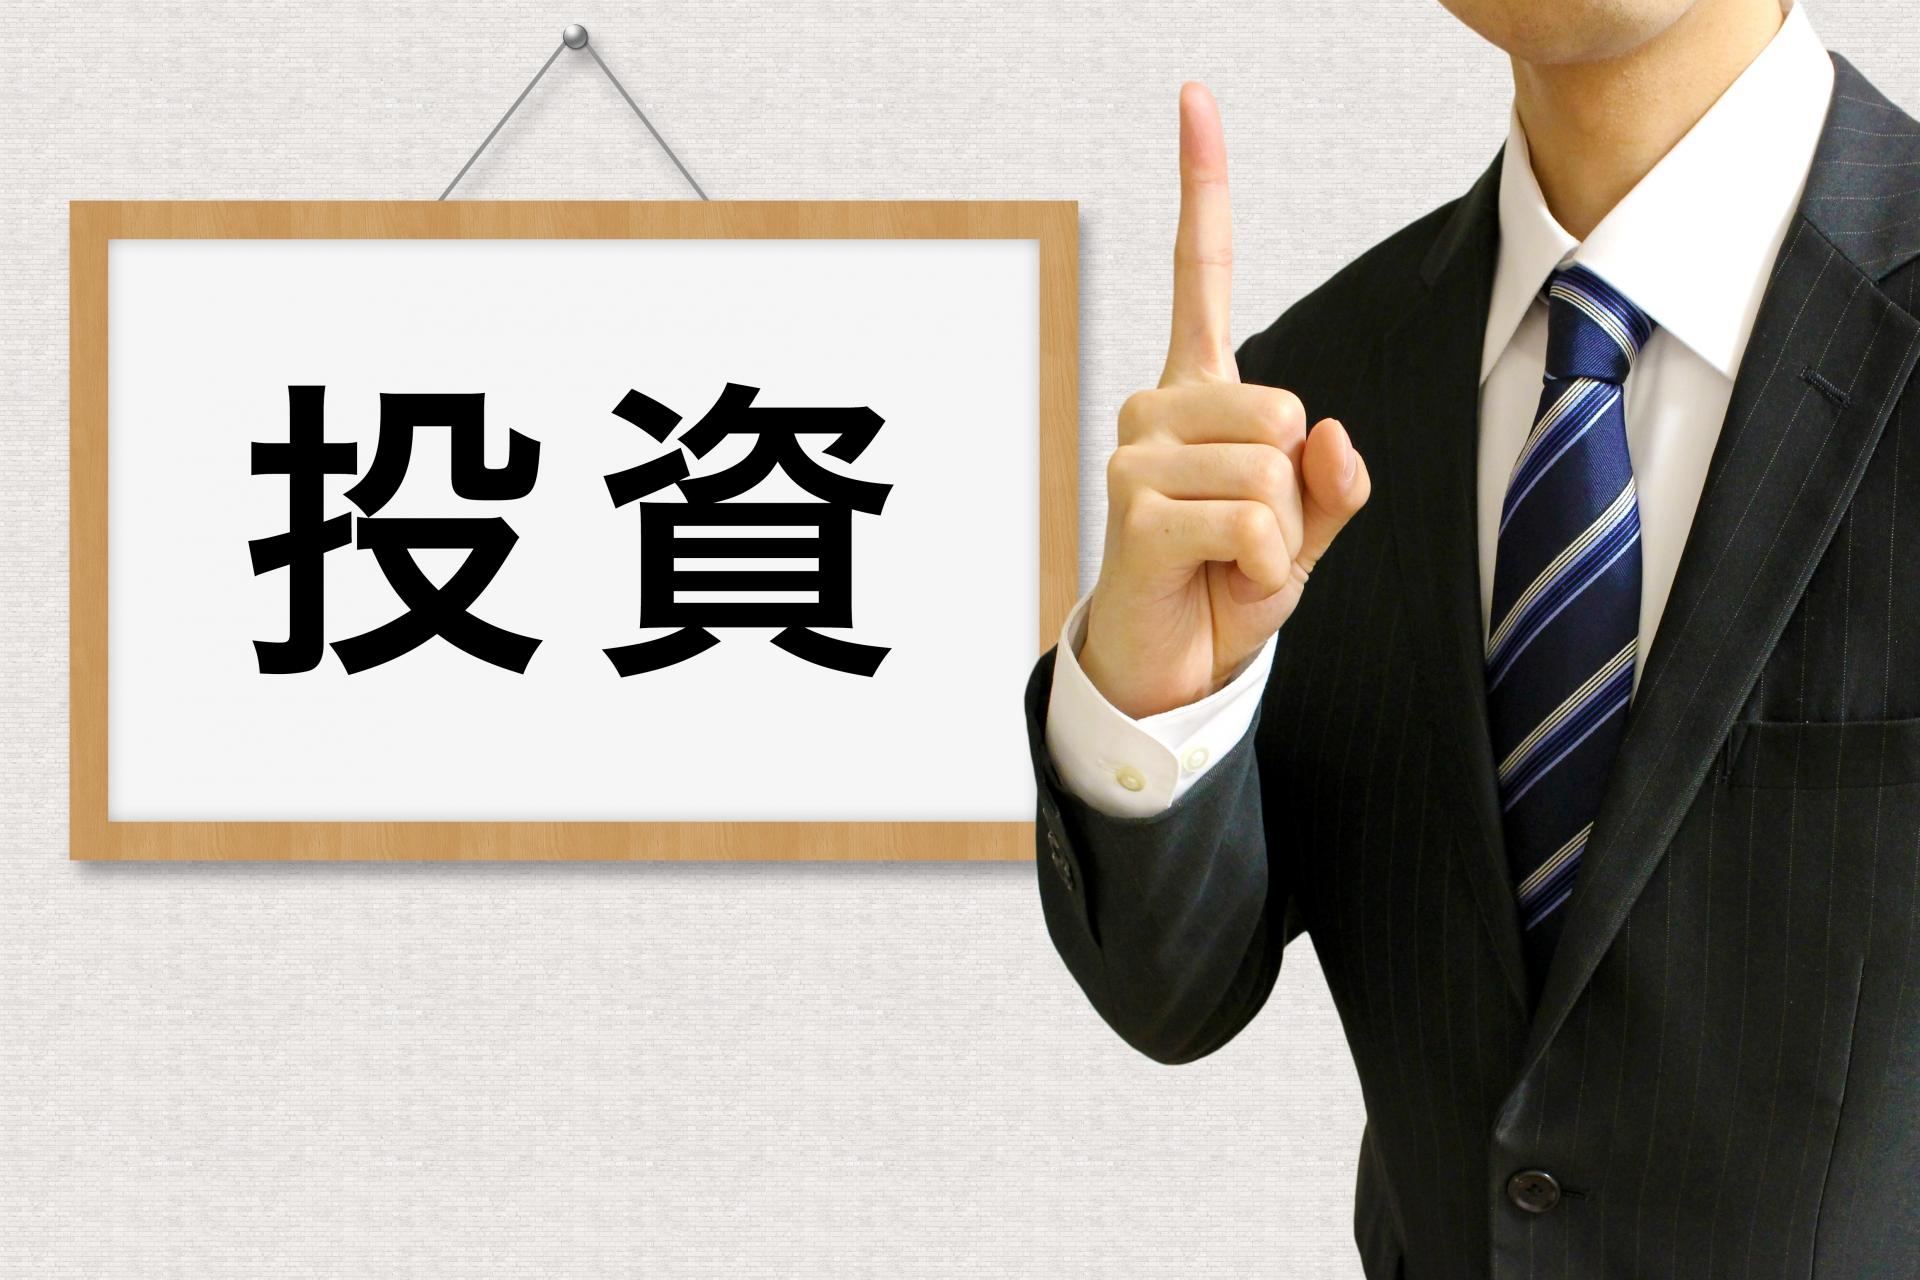 相続について八王子・多摩で会計事務所を営む税理士がわかりやすい言葉で解説